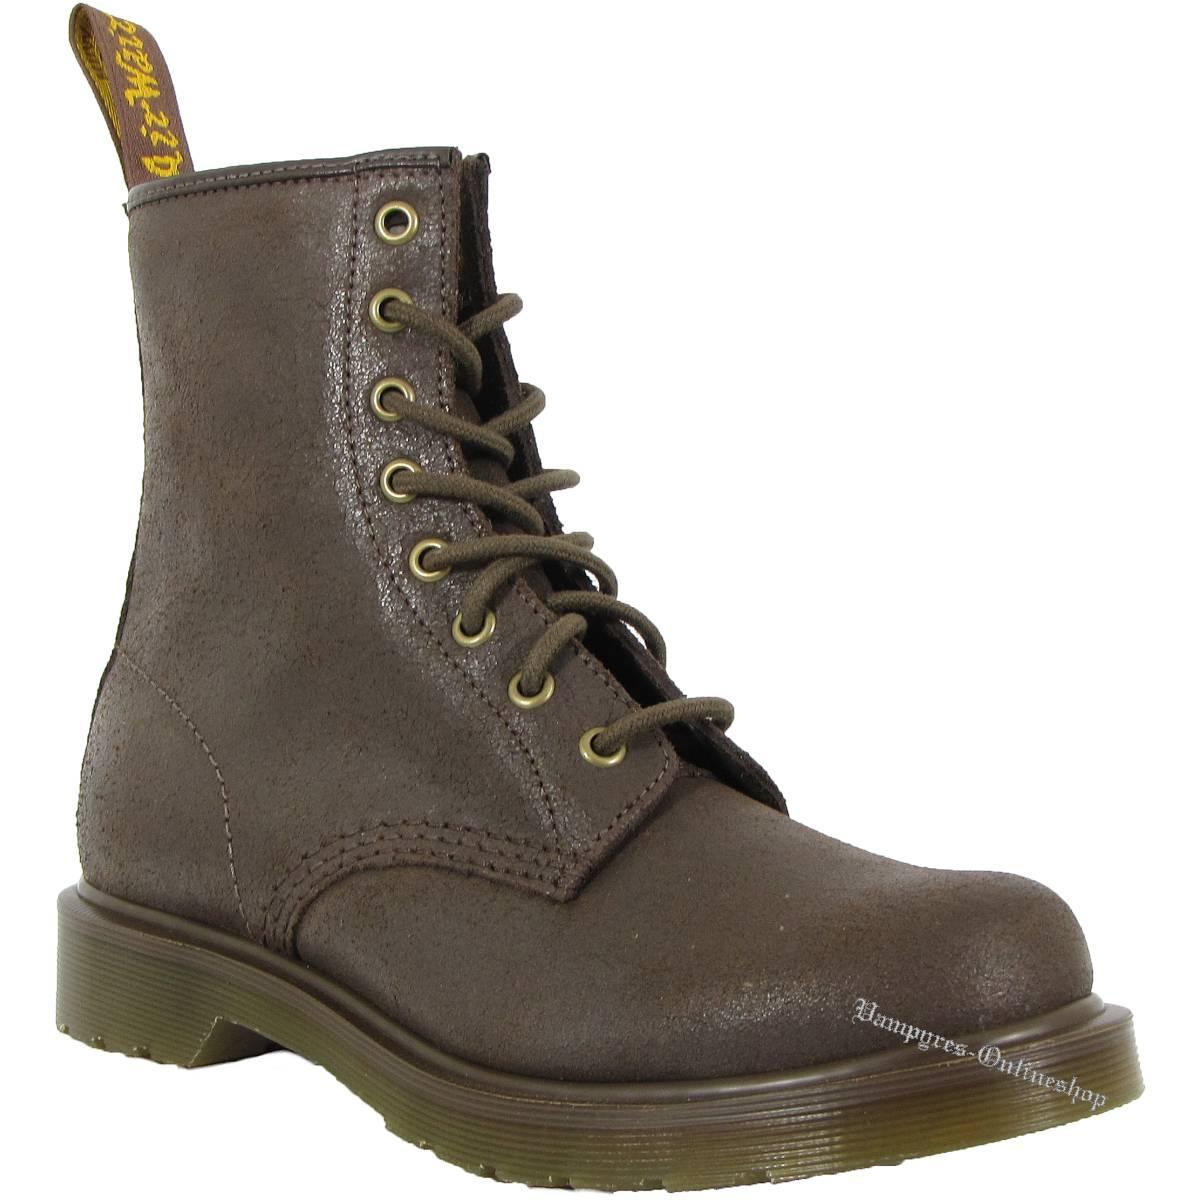 Dr. Martens 8-Loch 1460 Burnished Darken Suede Braun14282201 Docs Boots